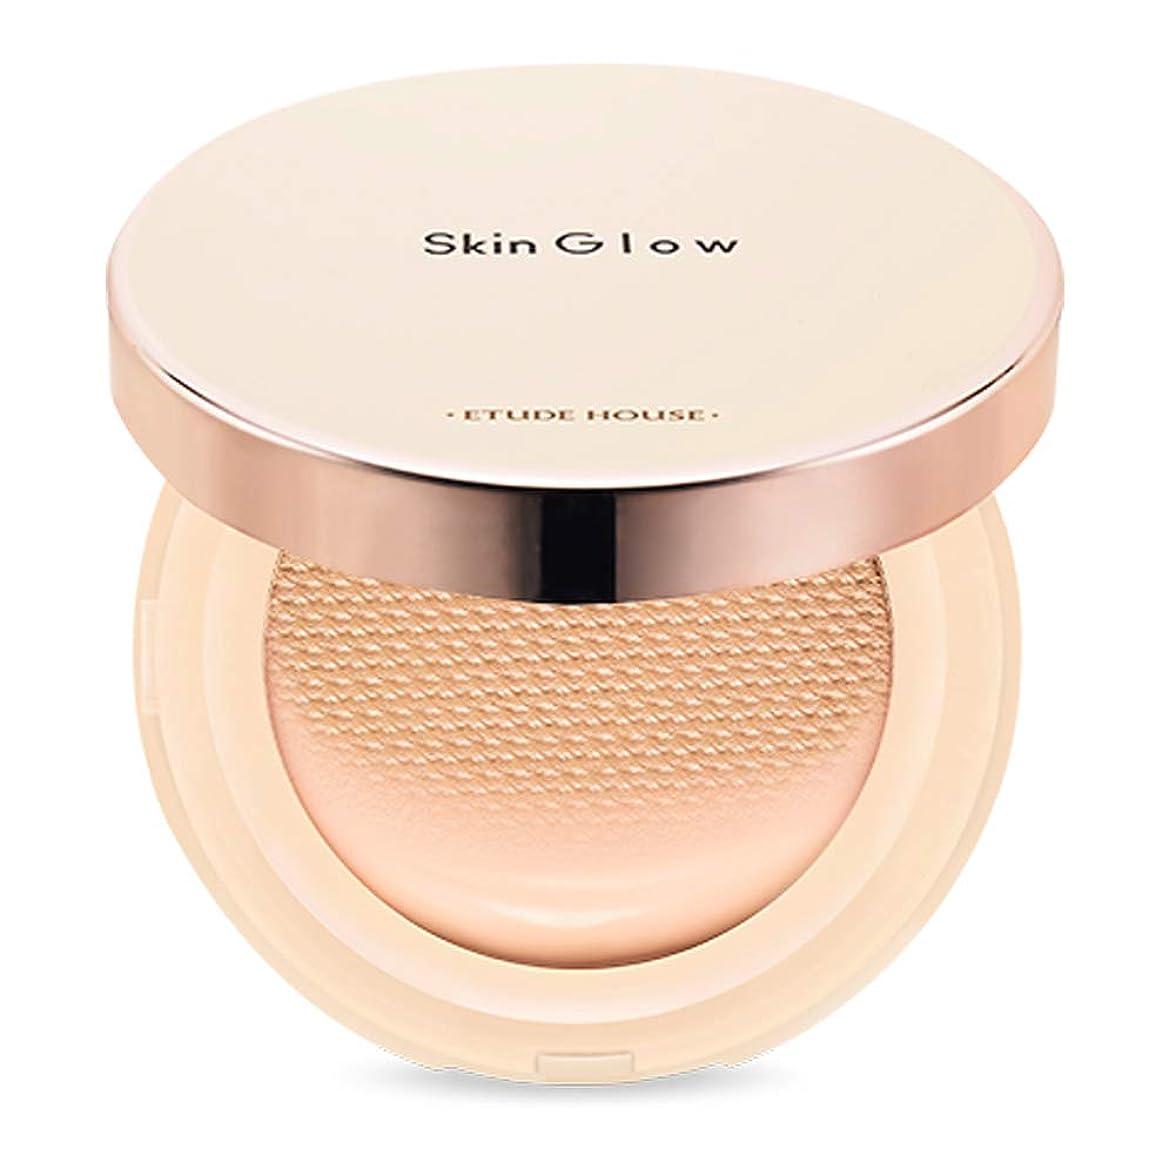 スイス人かもめサスペンションEtude House Skin Glow Essence Cushion SPF50+/PA++++ エチュードハウス スキン グロー エッセンス クッション (# N04 Neutral Beige) [並行輸入品]